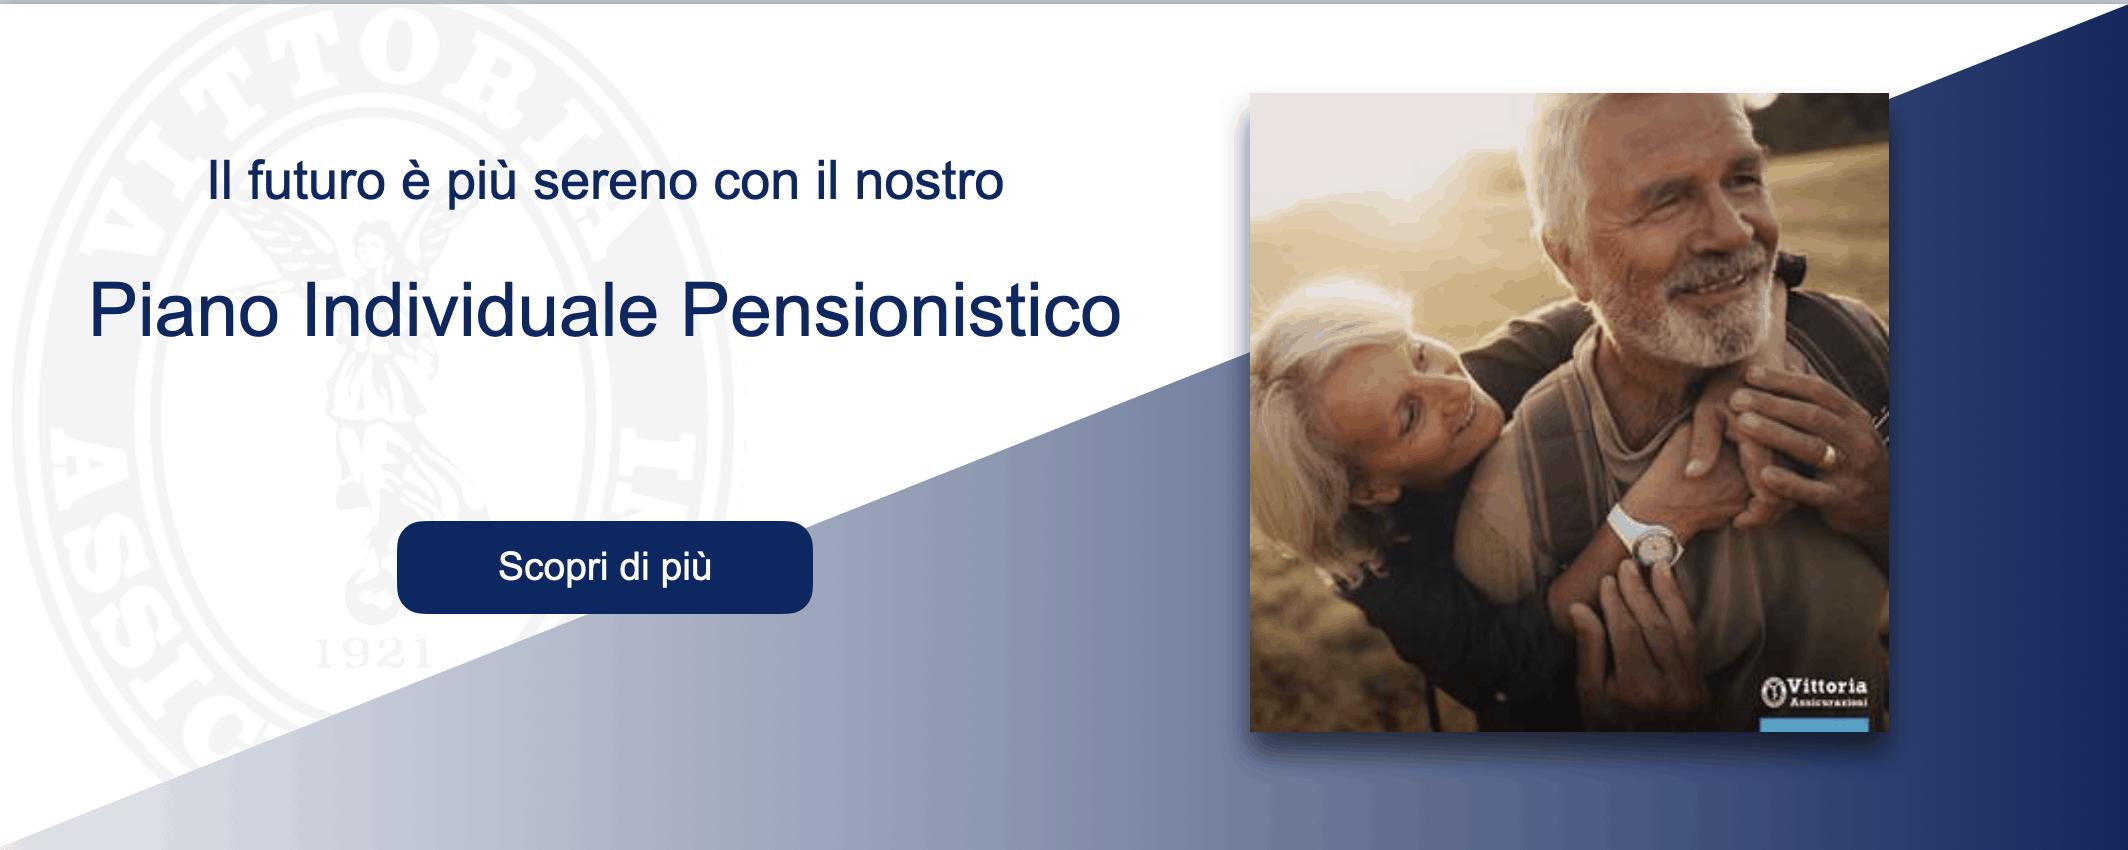 piano pensionistico individuale